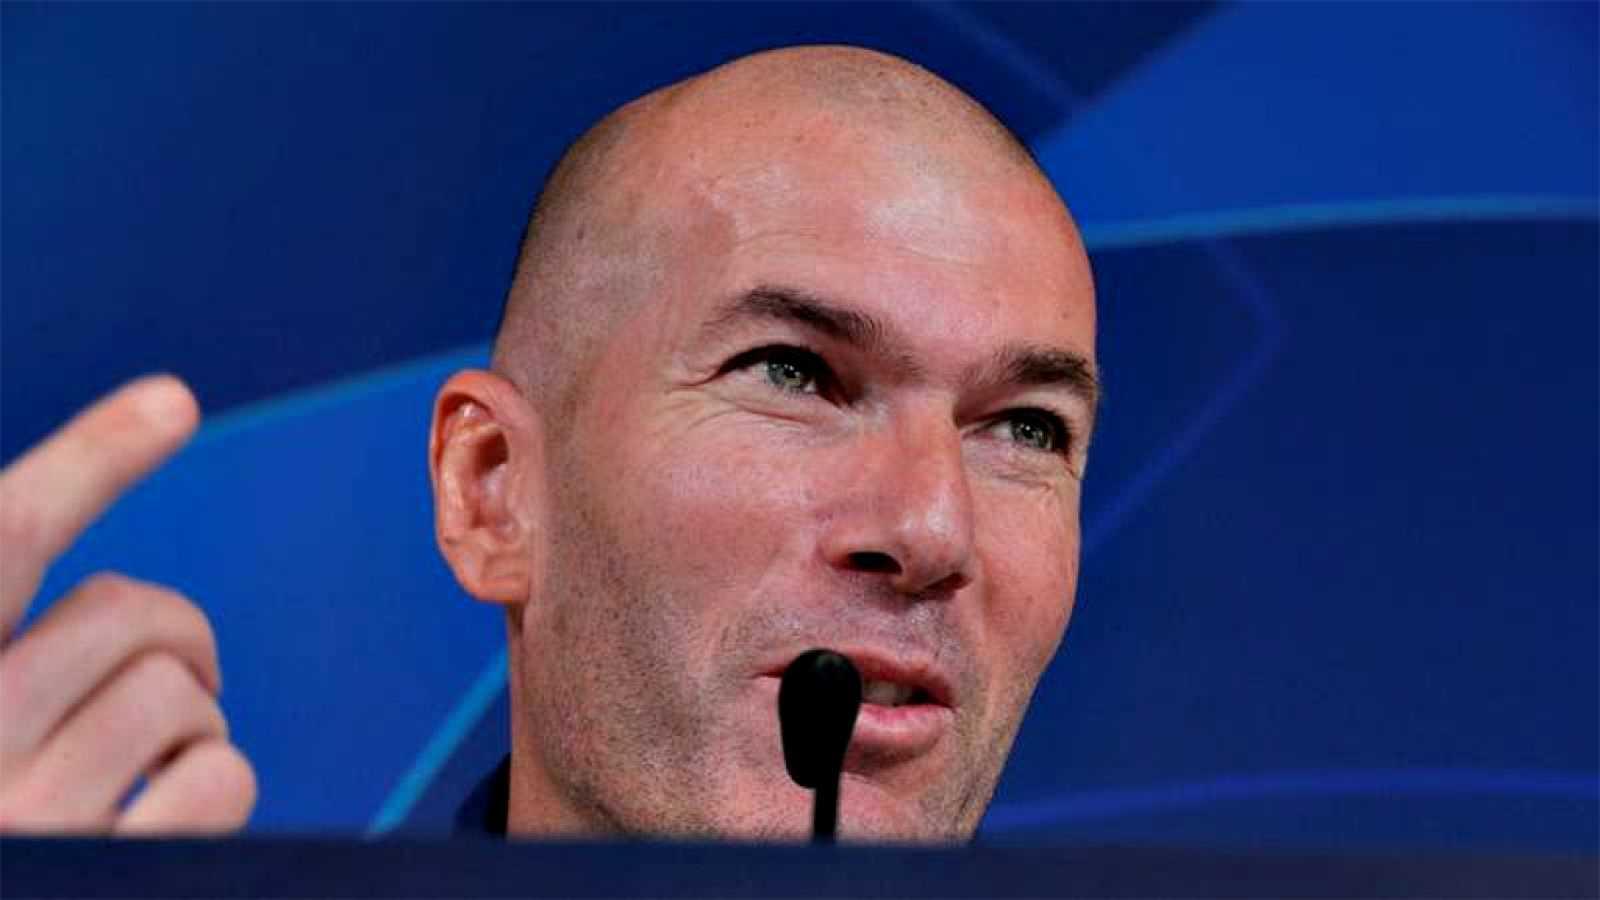 El Real Madrid busca sellar con un triunfo su pase a octavos de final tras un turbulenta fase de grupos de la Liga de Campeones, ante un PSG que certificaría su primer puesto puntuando en el Santiago Bernabéu, donde nuevamente aterriza el deseado Kyl